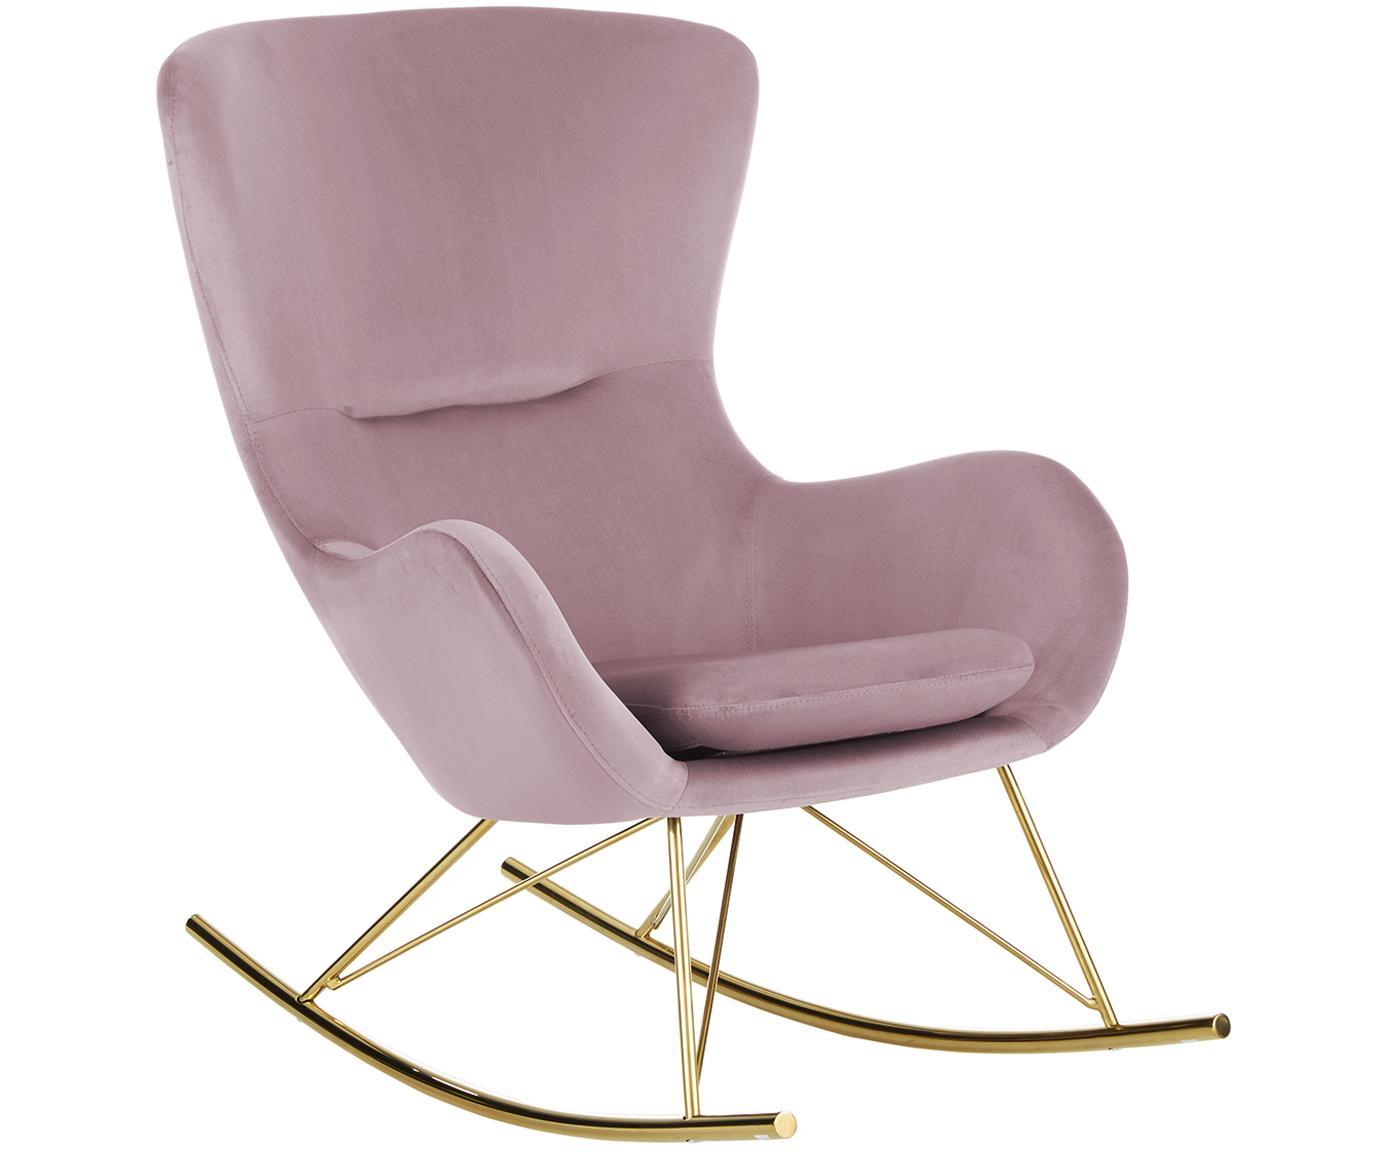 Sedia a dondolo in velluto Wing, Rivestimento: velluto (poliestere) 15.0, Struttura: metallo zincato, Velluto rosa, Larg. 77 x Prof. 96 cm